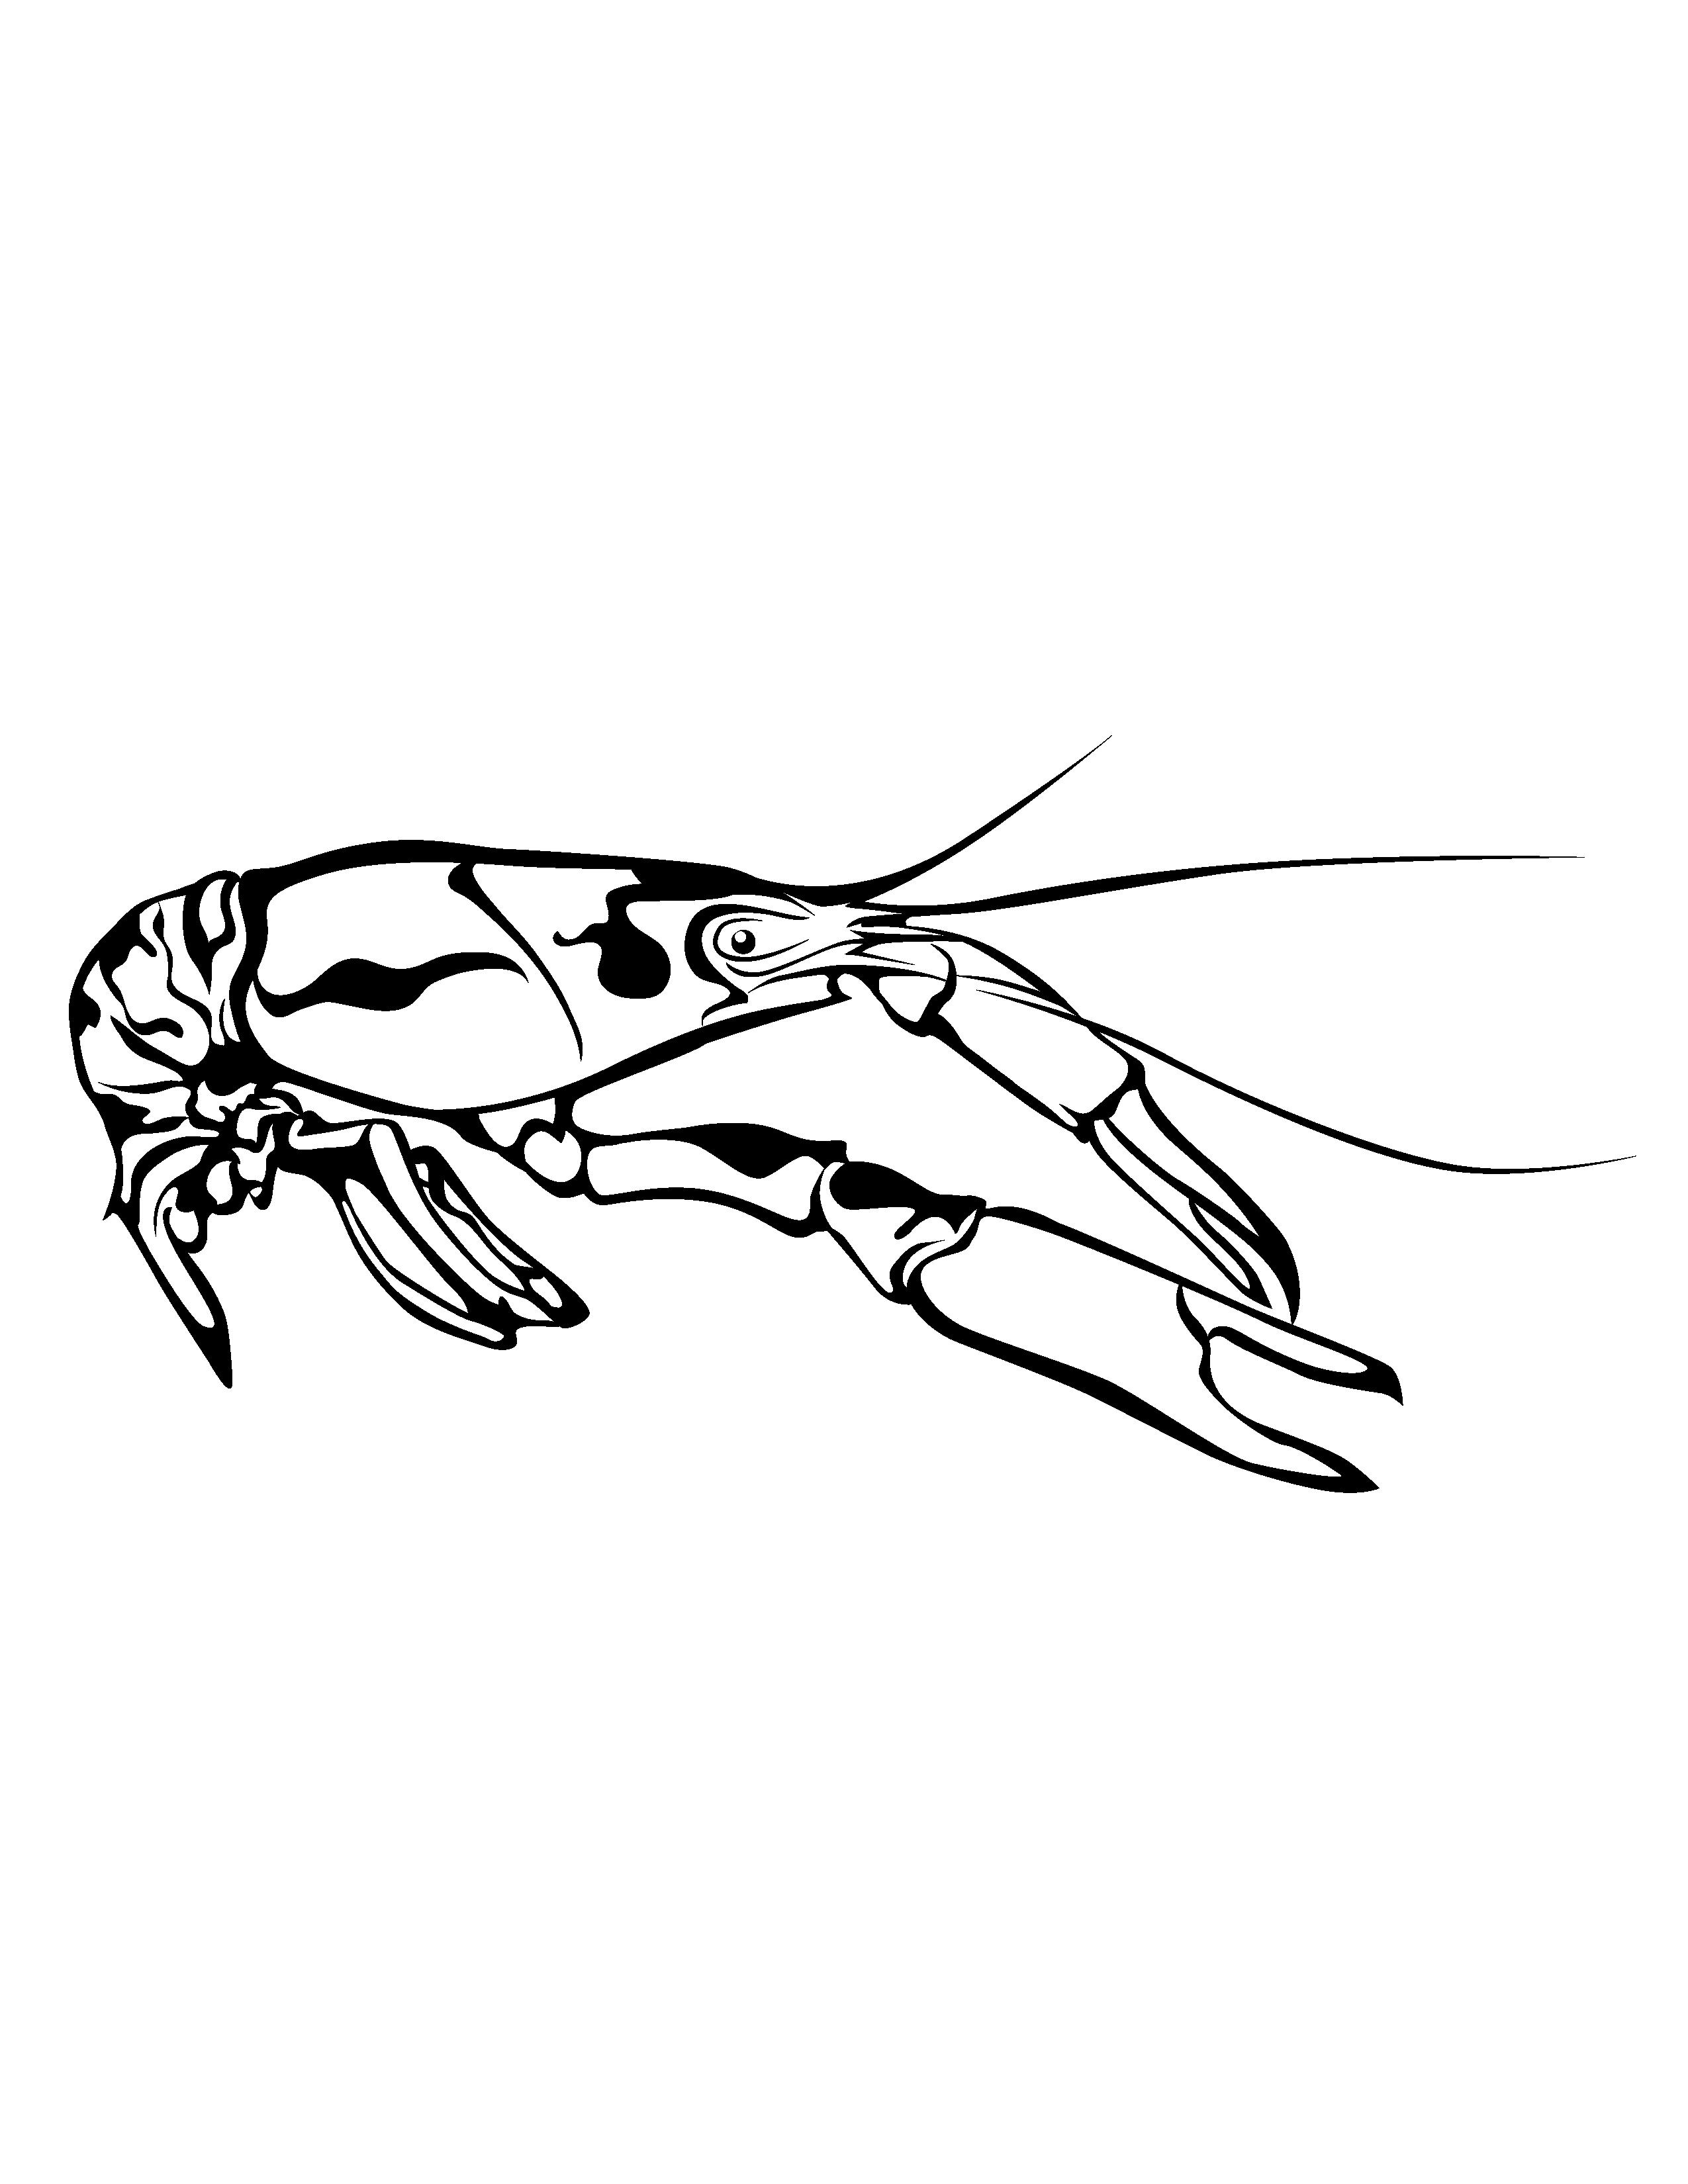 Black & White Outline Crawfish Clip Art.